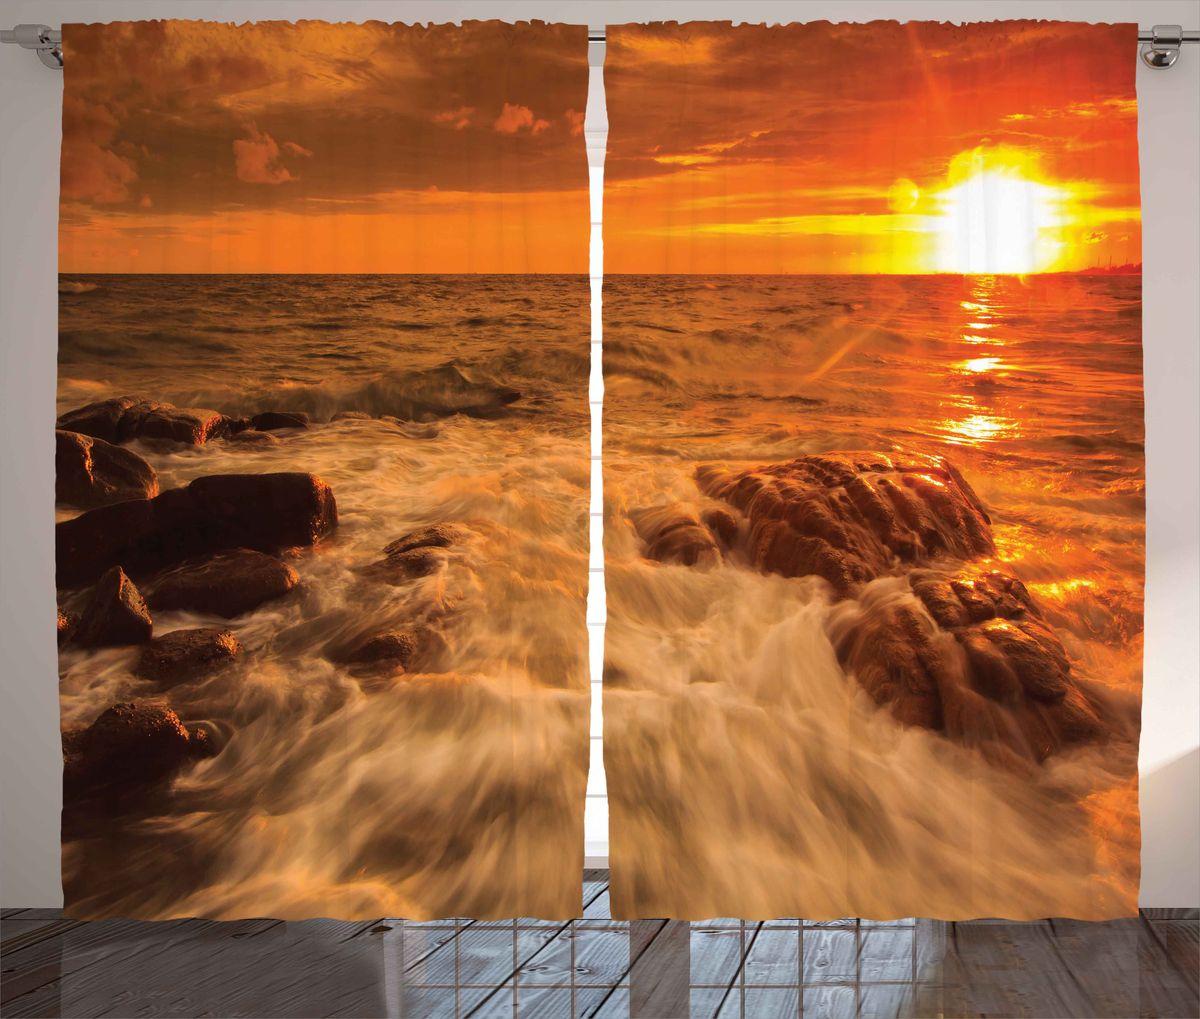 Комплект фотоштор Magic Lady Оранжевый теплый закат, на ленте, высота 265 см. шсг_8341шсг_8341Роскошный комплект фотоштор Magic Lady Оранжевый теплый закат, выполненный из высококачественного сатена (полиэстер 100%), великолепно украсит любое окно. При изготовлении используются специальные гипоаллергенные чернила. Комплект состоит из двух фотоштор и декорирован изящным рисунком. Оригинальный дизайн и цветовая гамма привлекут к себе внимание и органично впишутся в интерьер комнаты. Крепление на карниз при помощи шторной ленты на крючки.